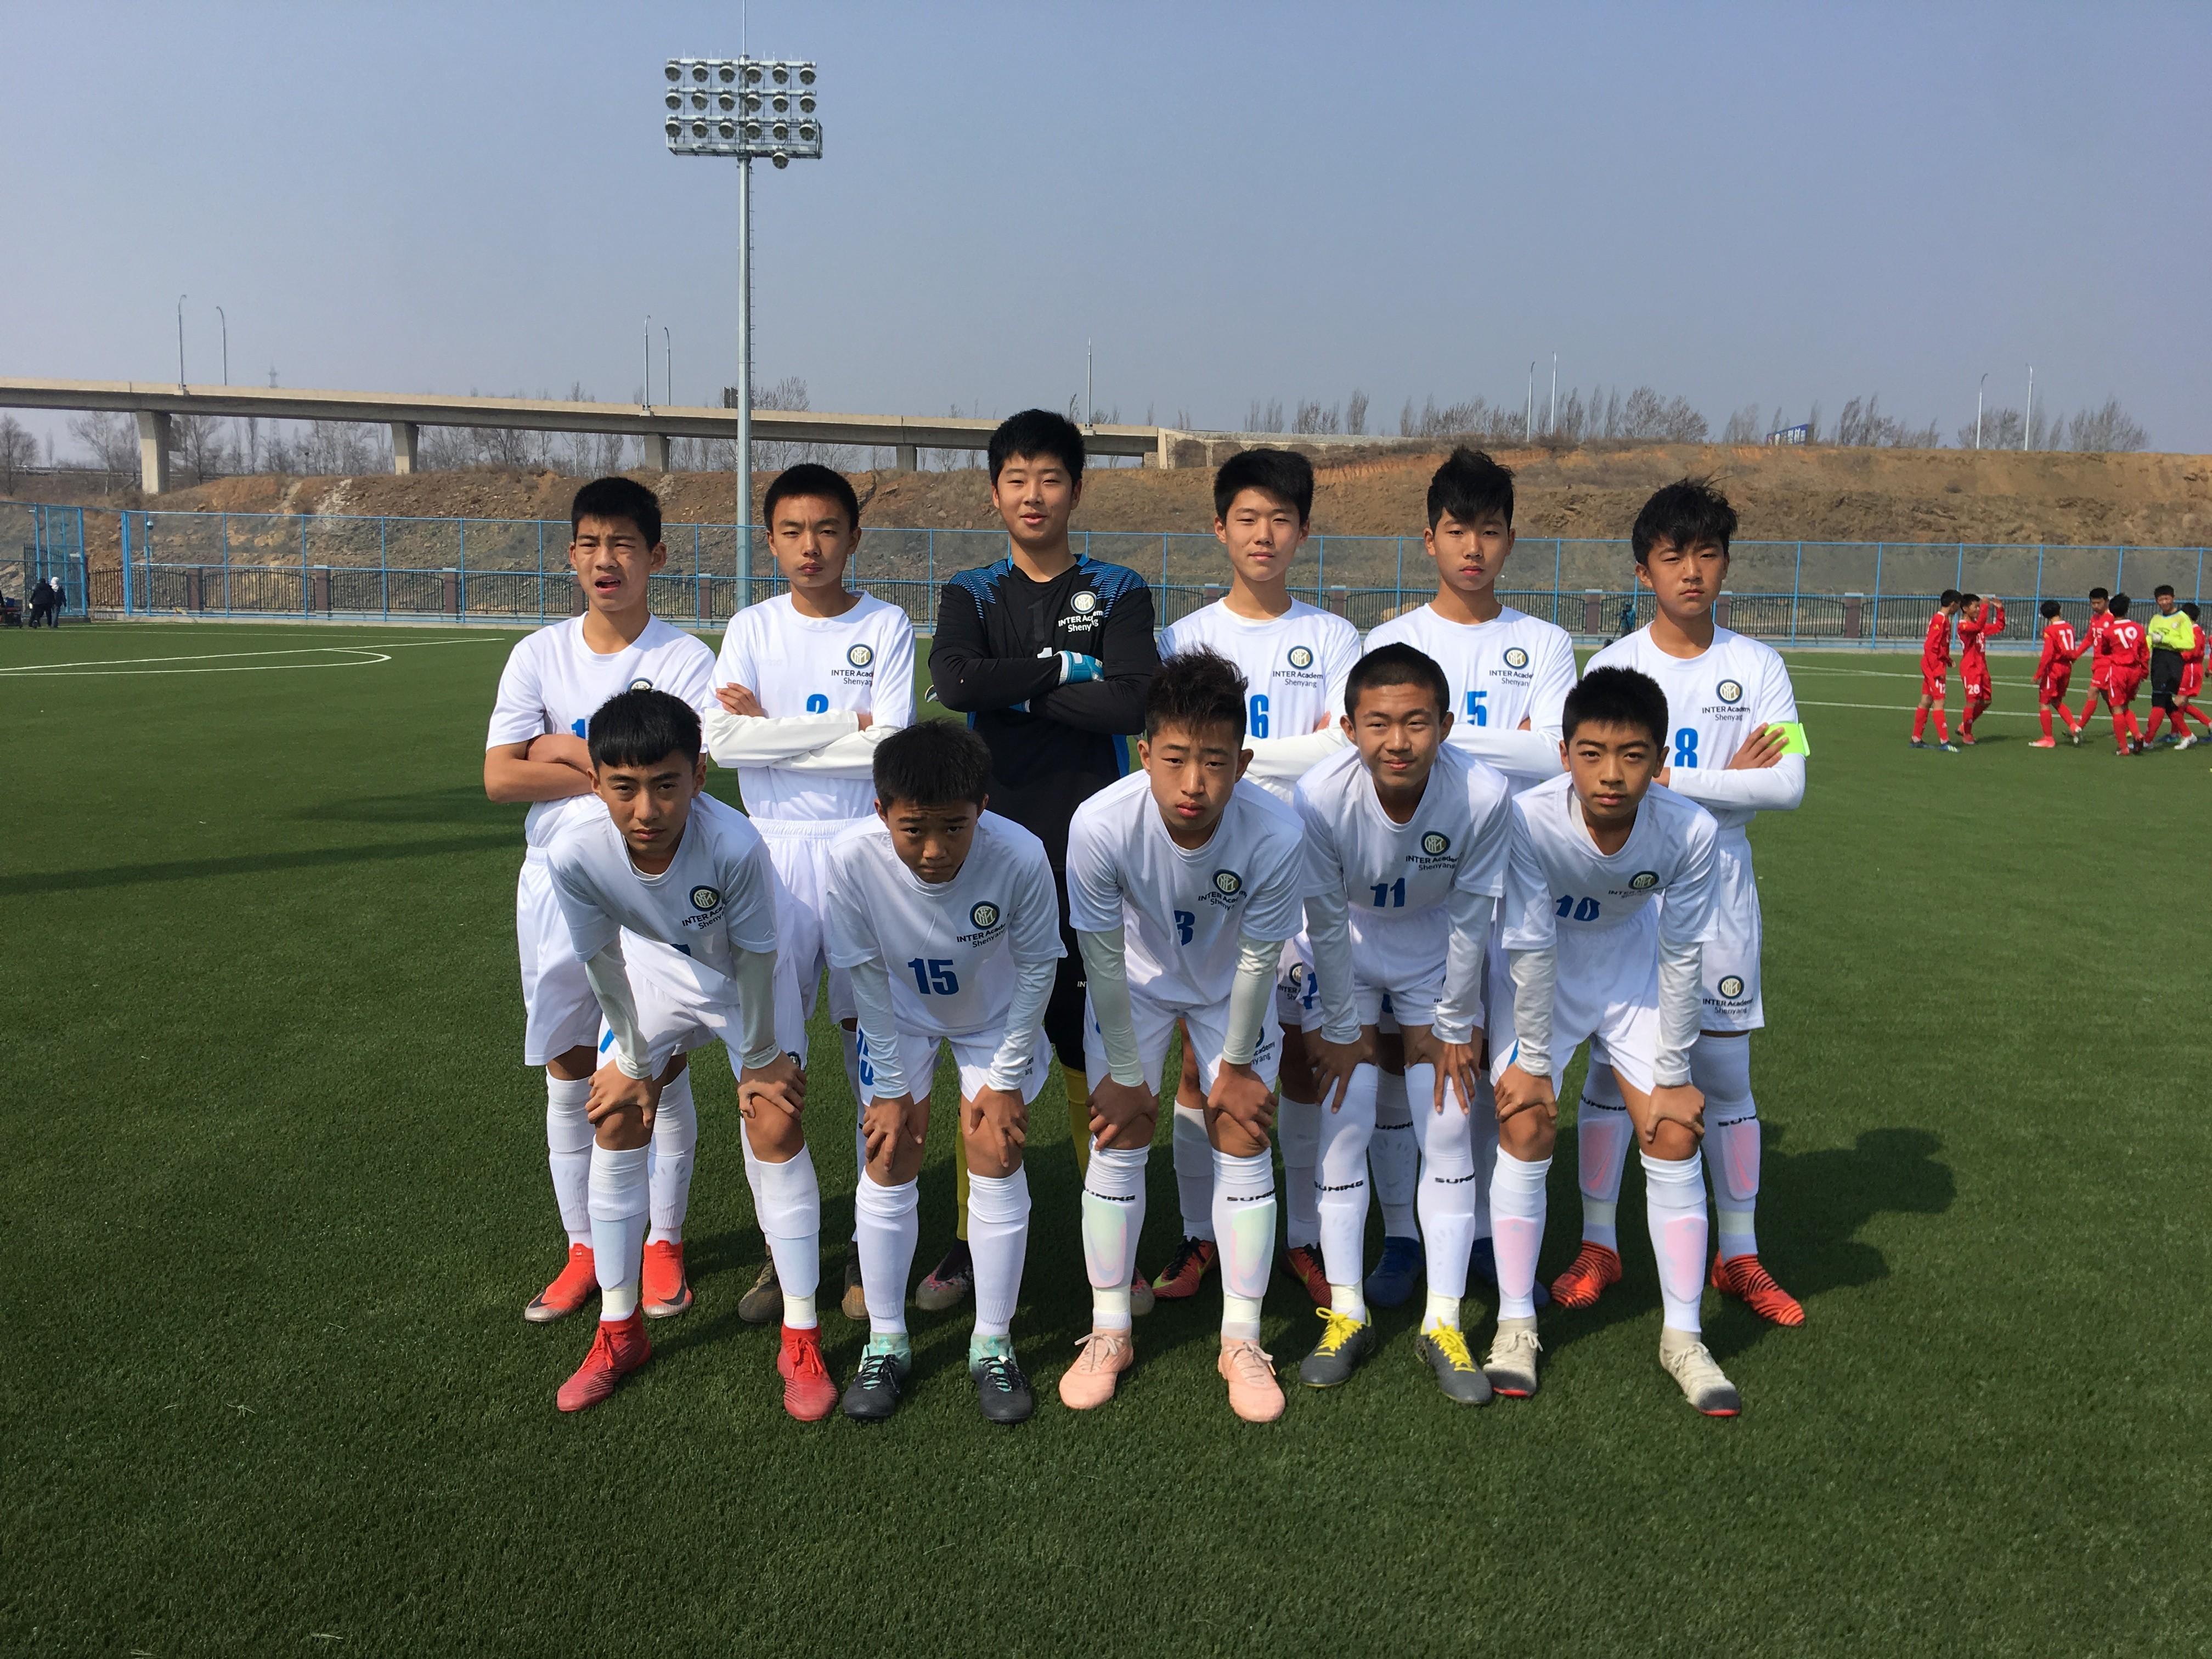 沈阳国米青训学院U14队强势晋级青超联赛东北